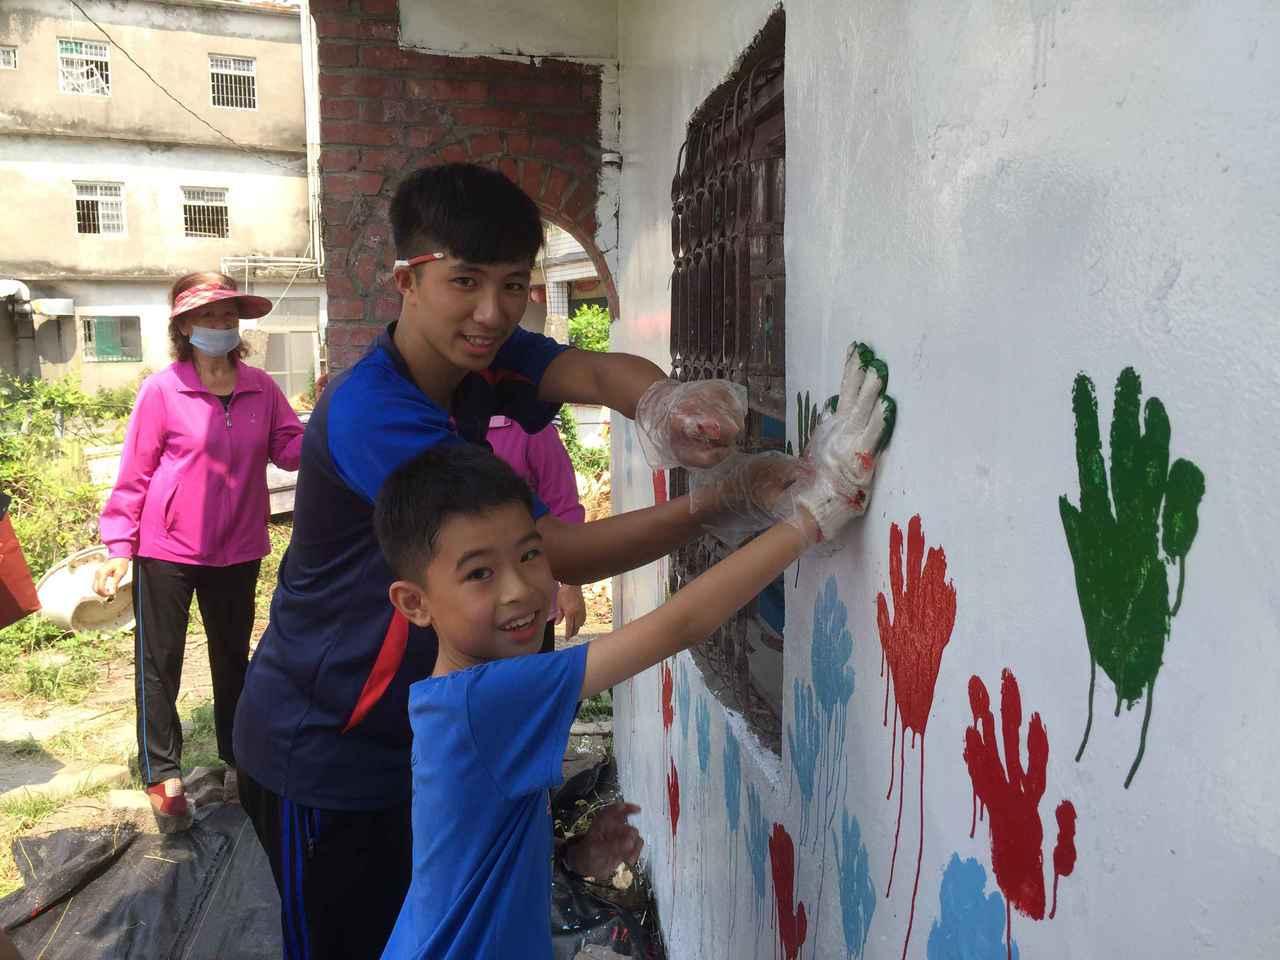 青年團隊辦理仙園樹人掌印彩繪活動,帶領林園孩童體驗牆面彩繪。圖/教育部提供